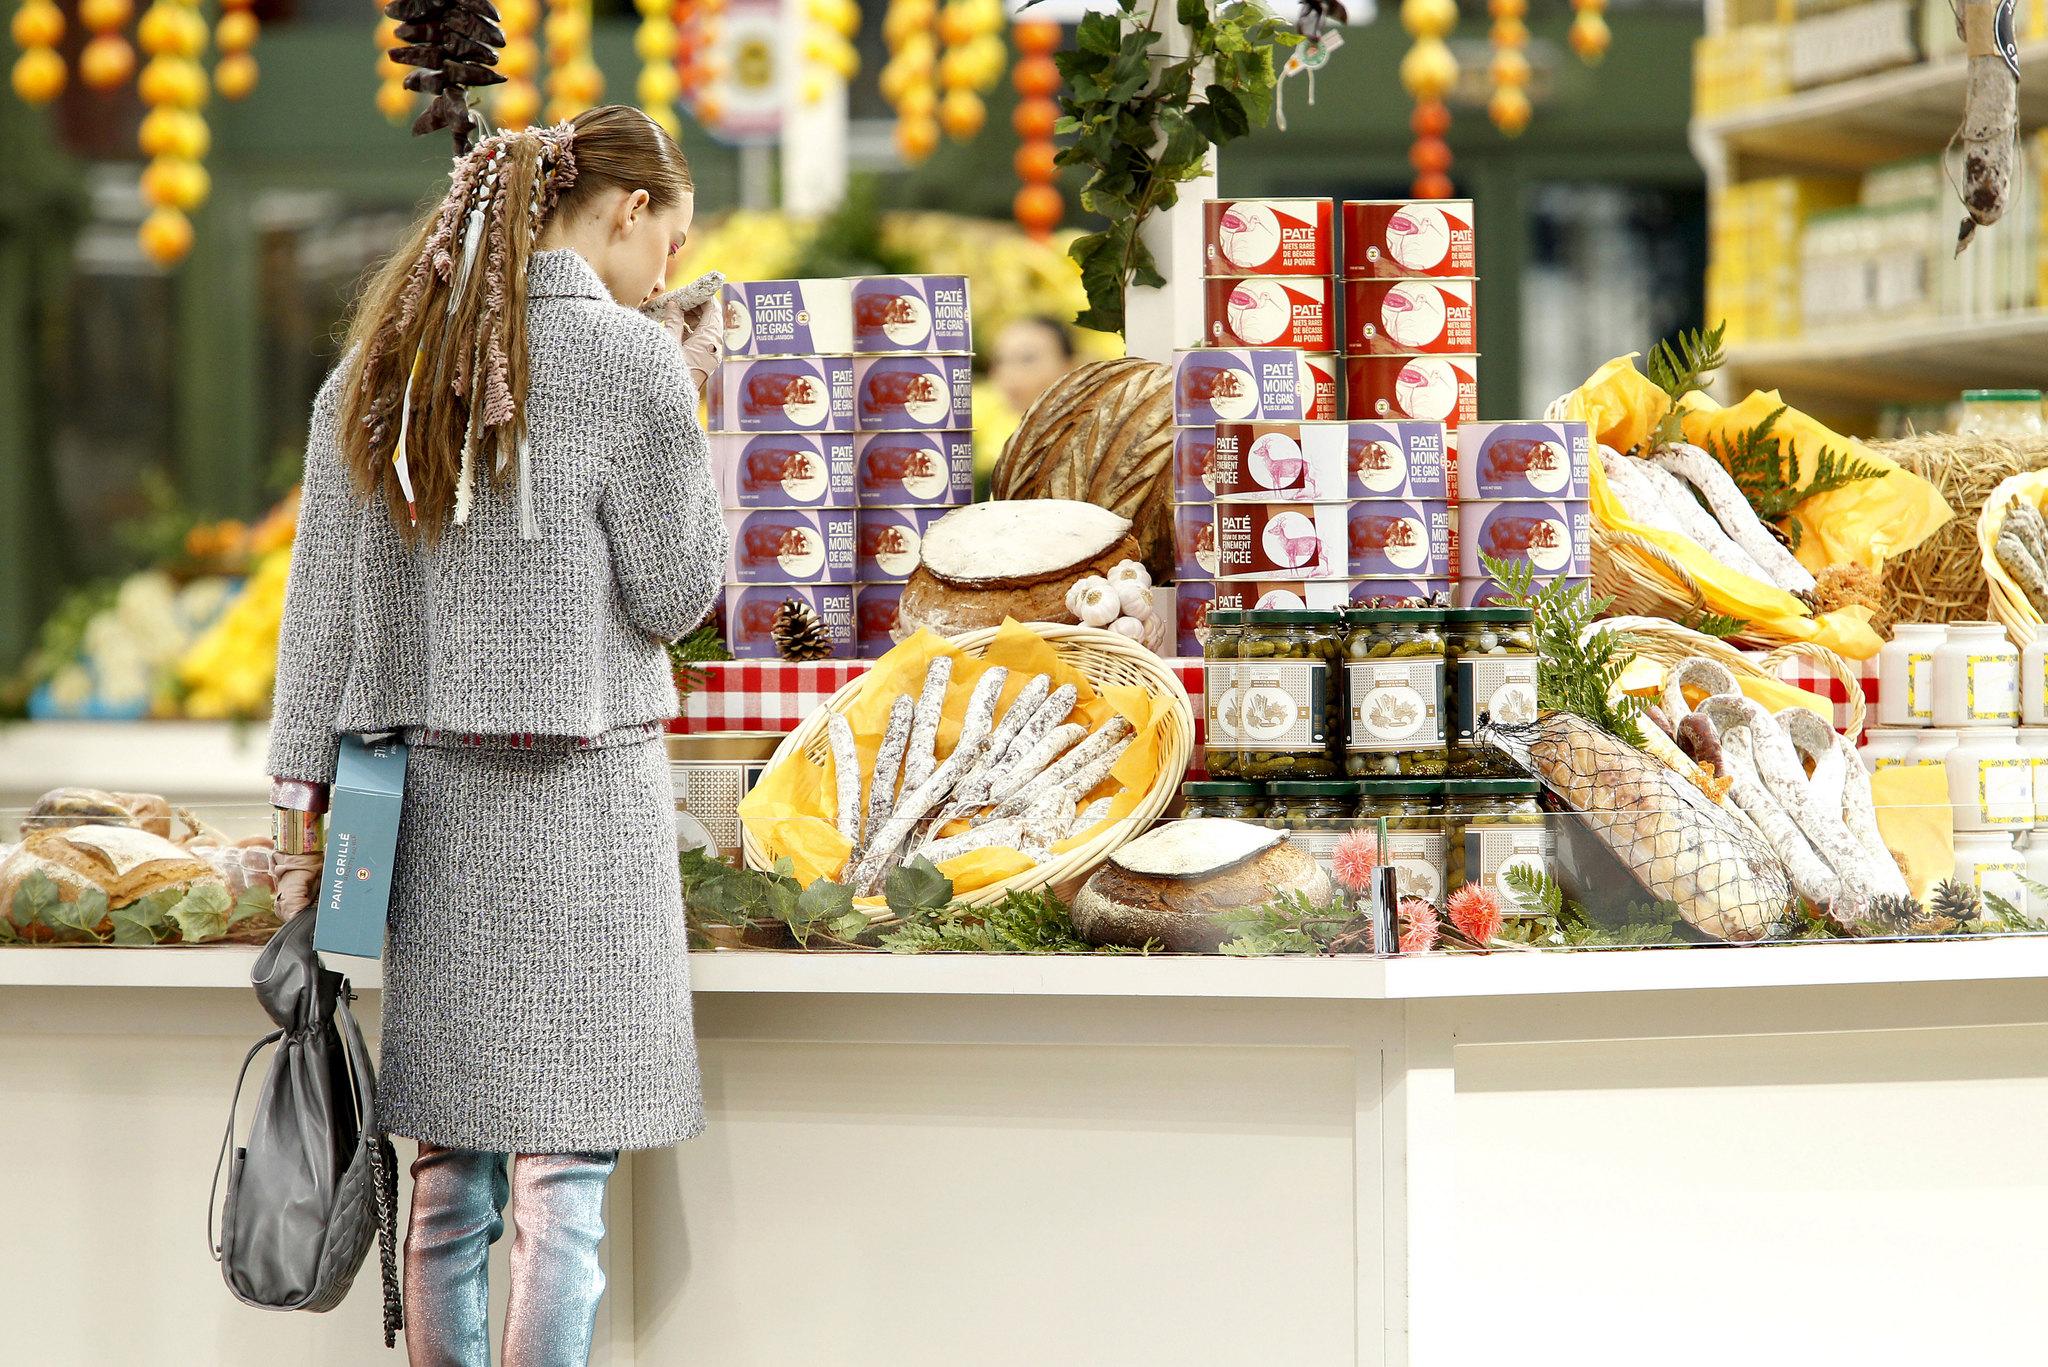 ¿Los alimentos que compro son realmente lo que dicen?